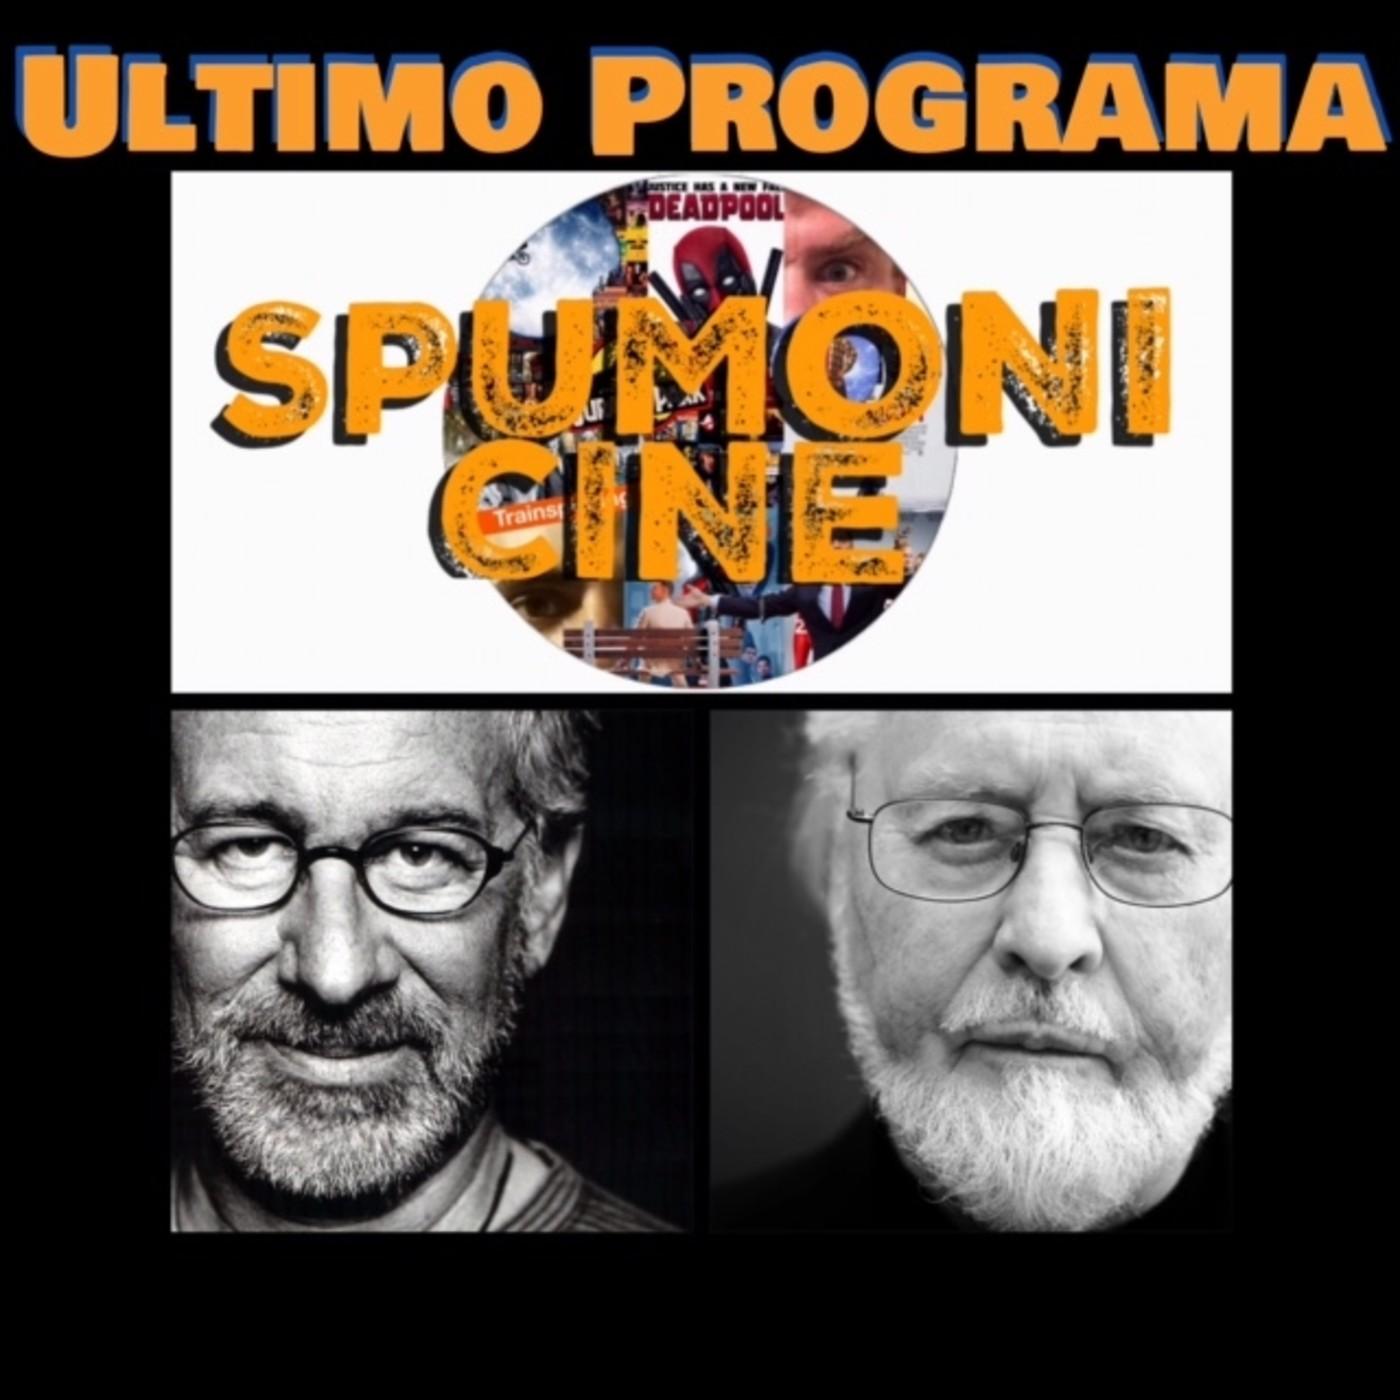 Spumoni Ultimo Programa en Spumoni Cine en mp3(26/10 a las 15:07:40 ...